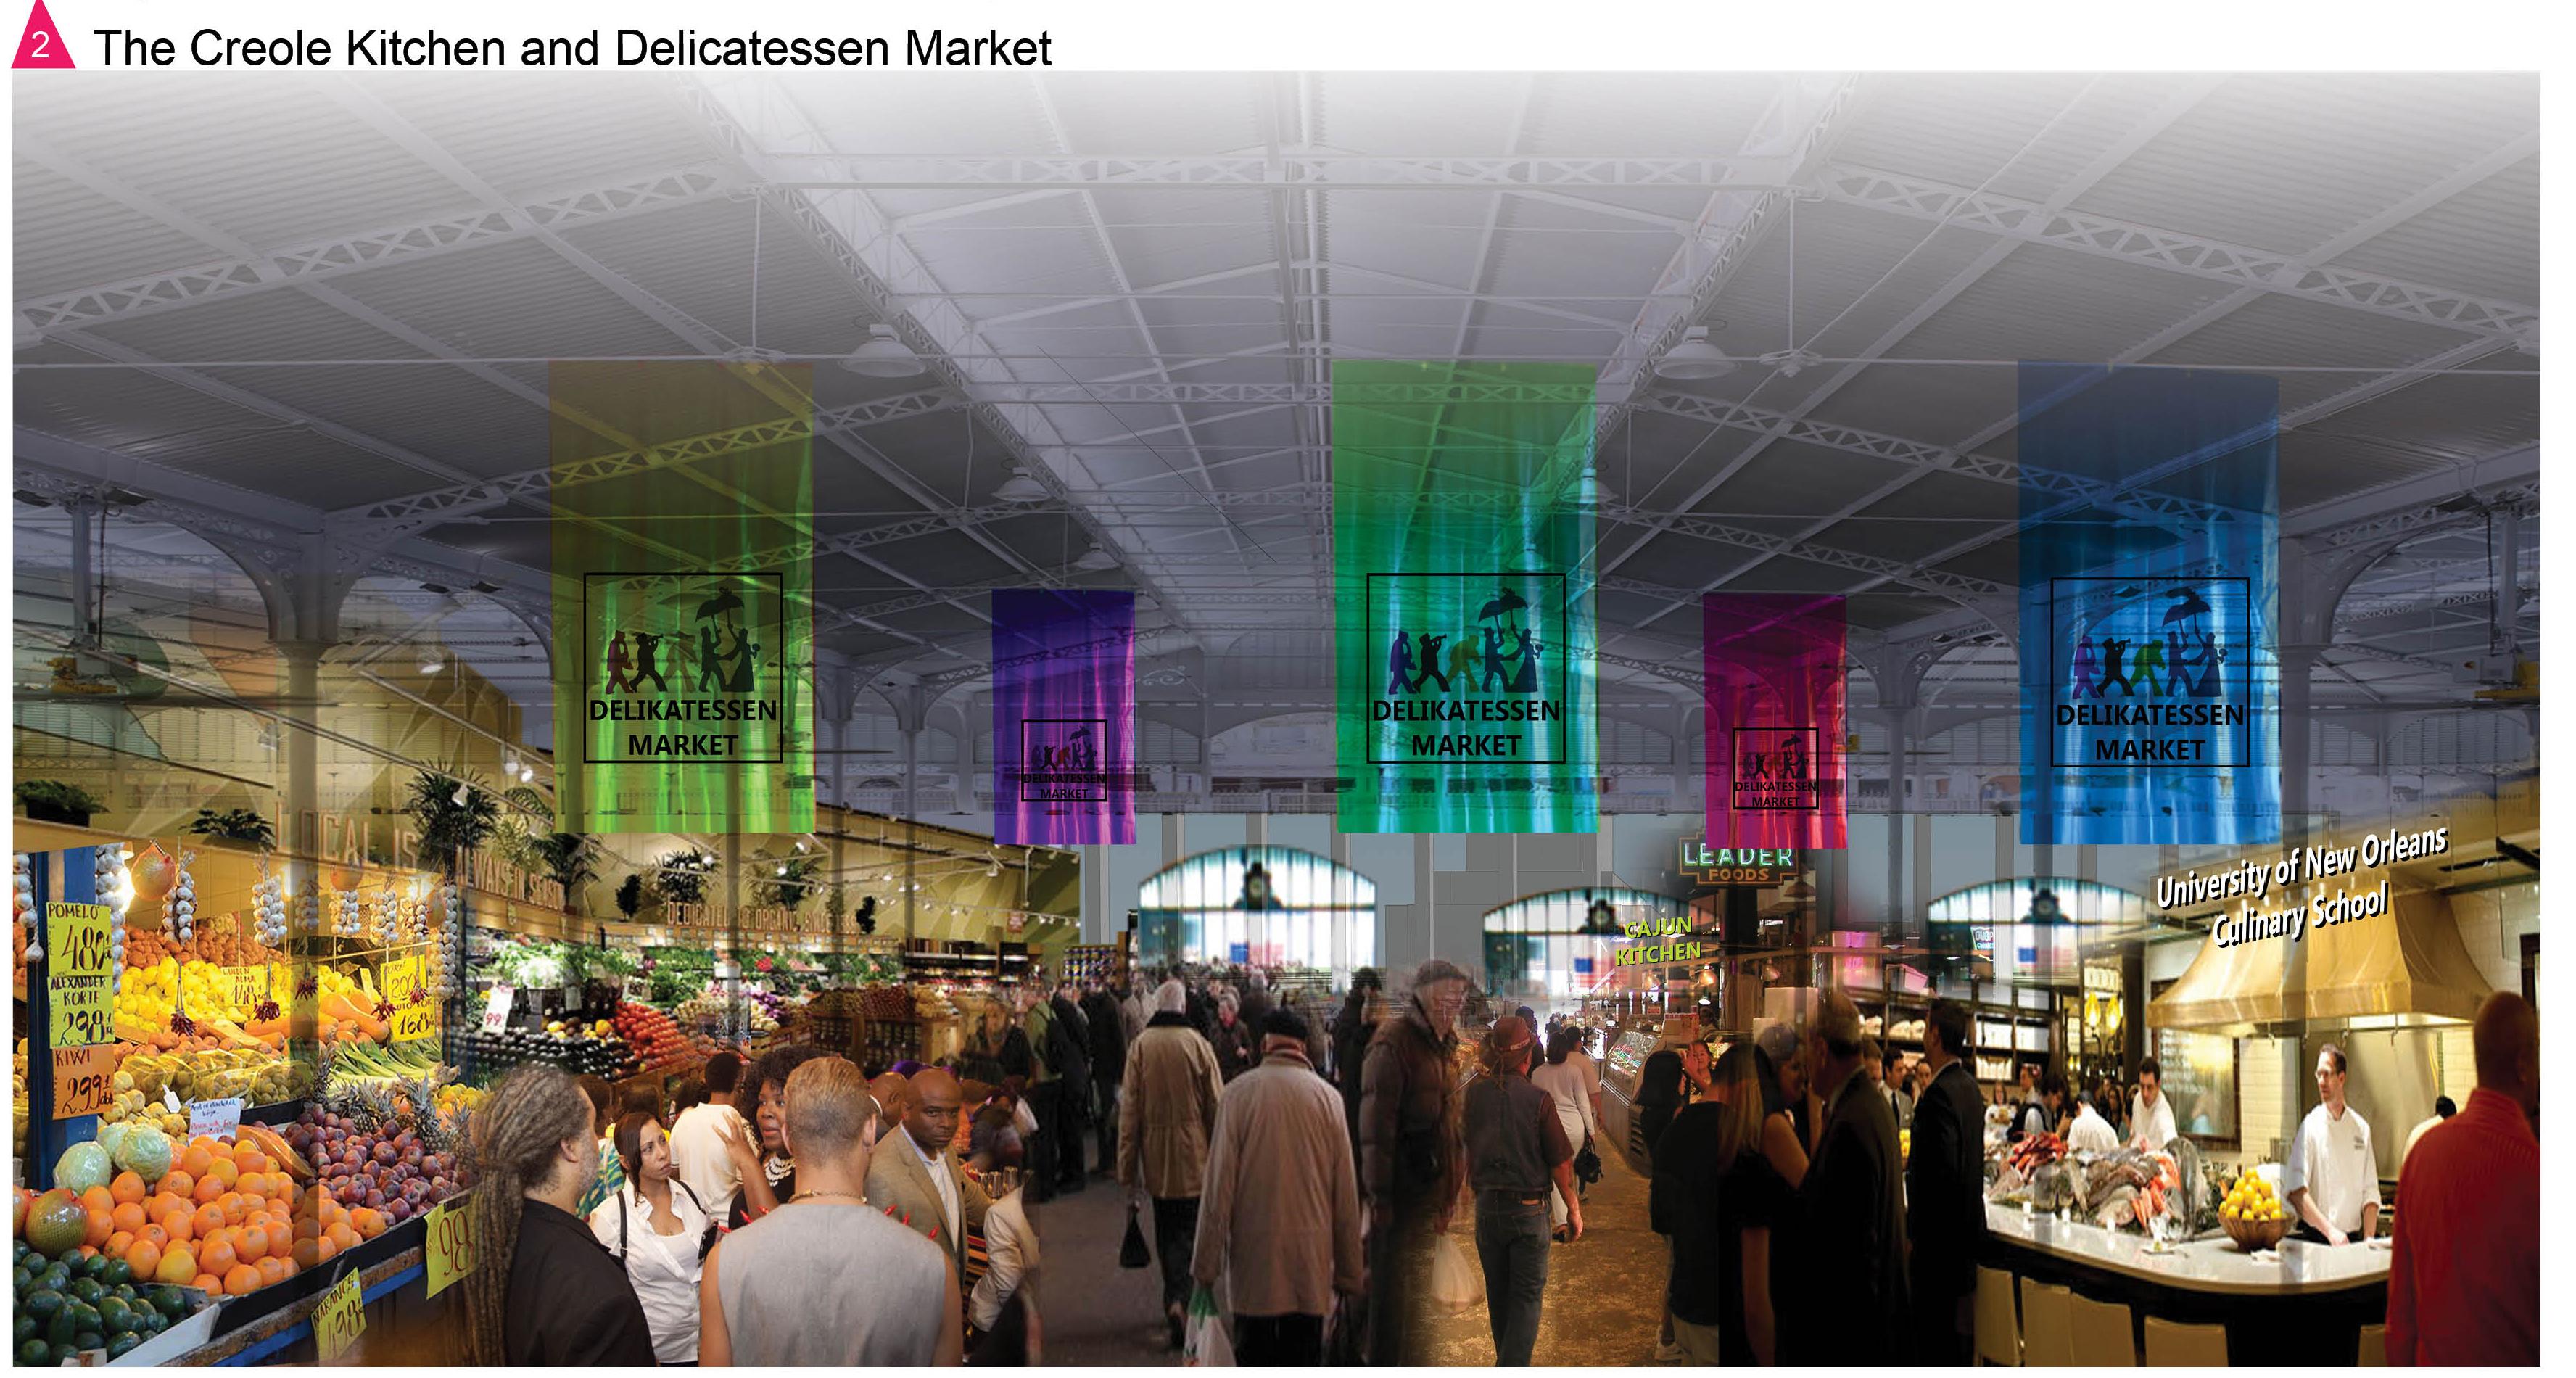 perspdelicatessen market